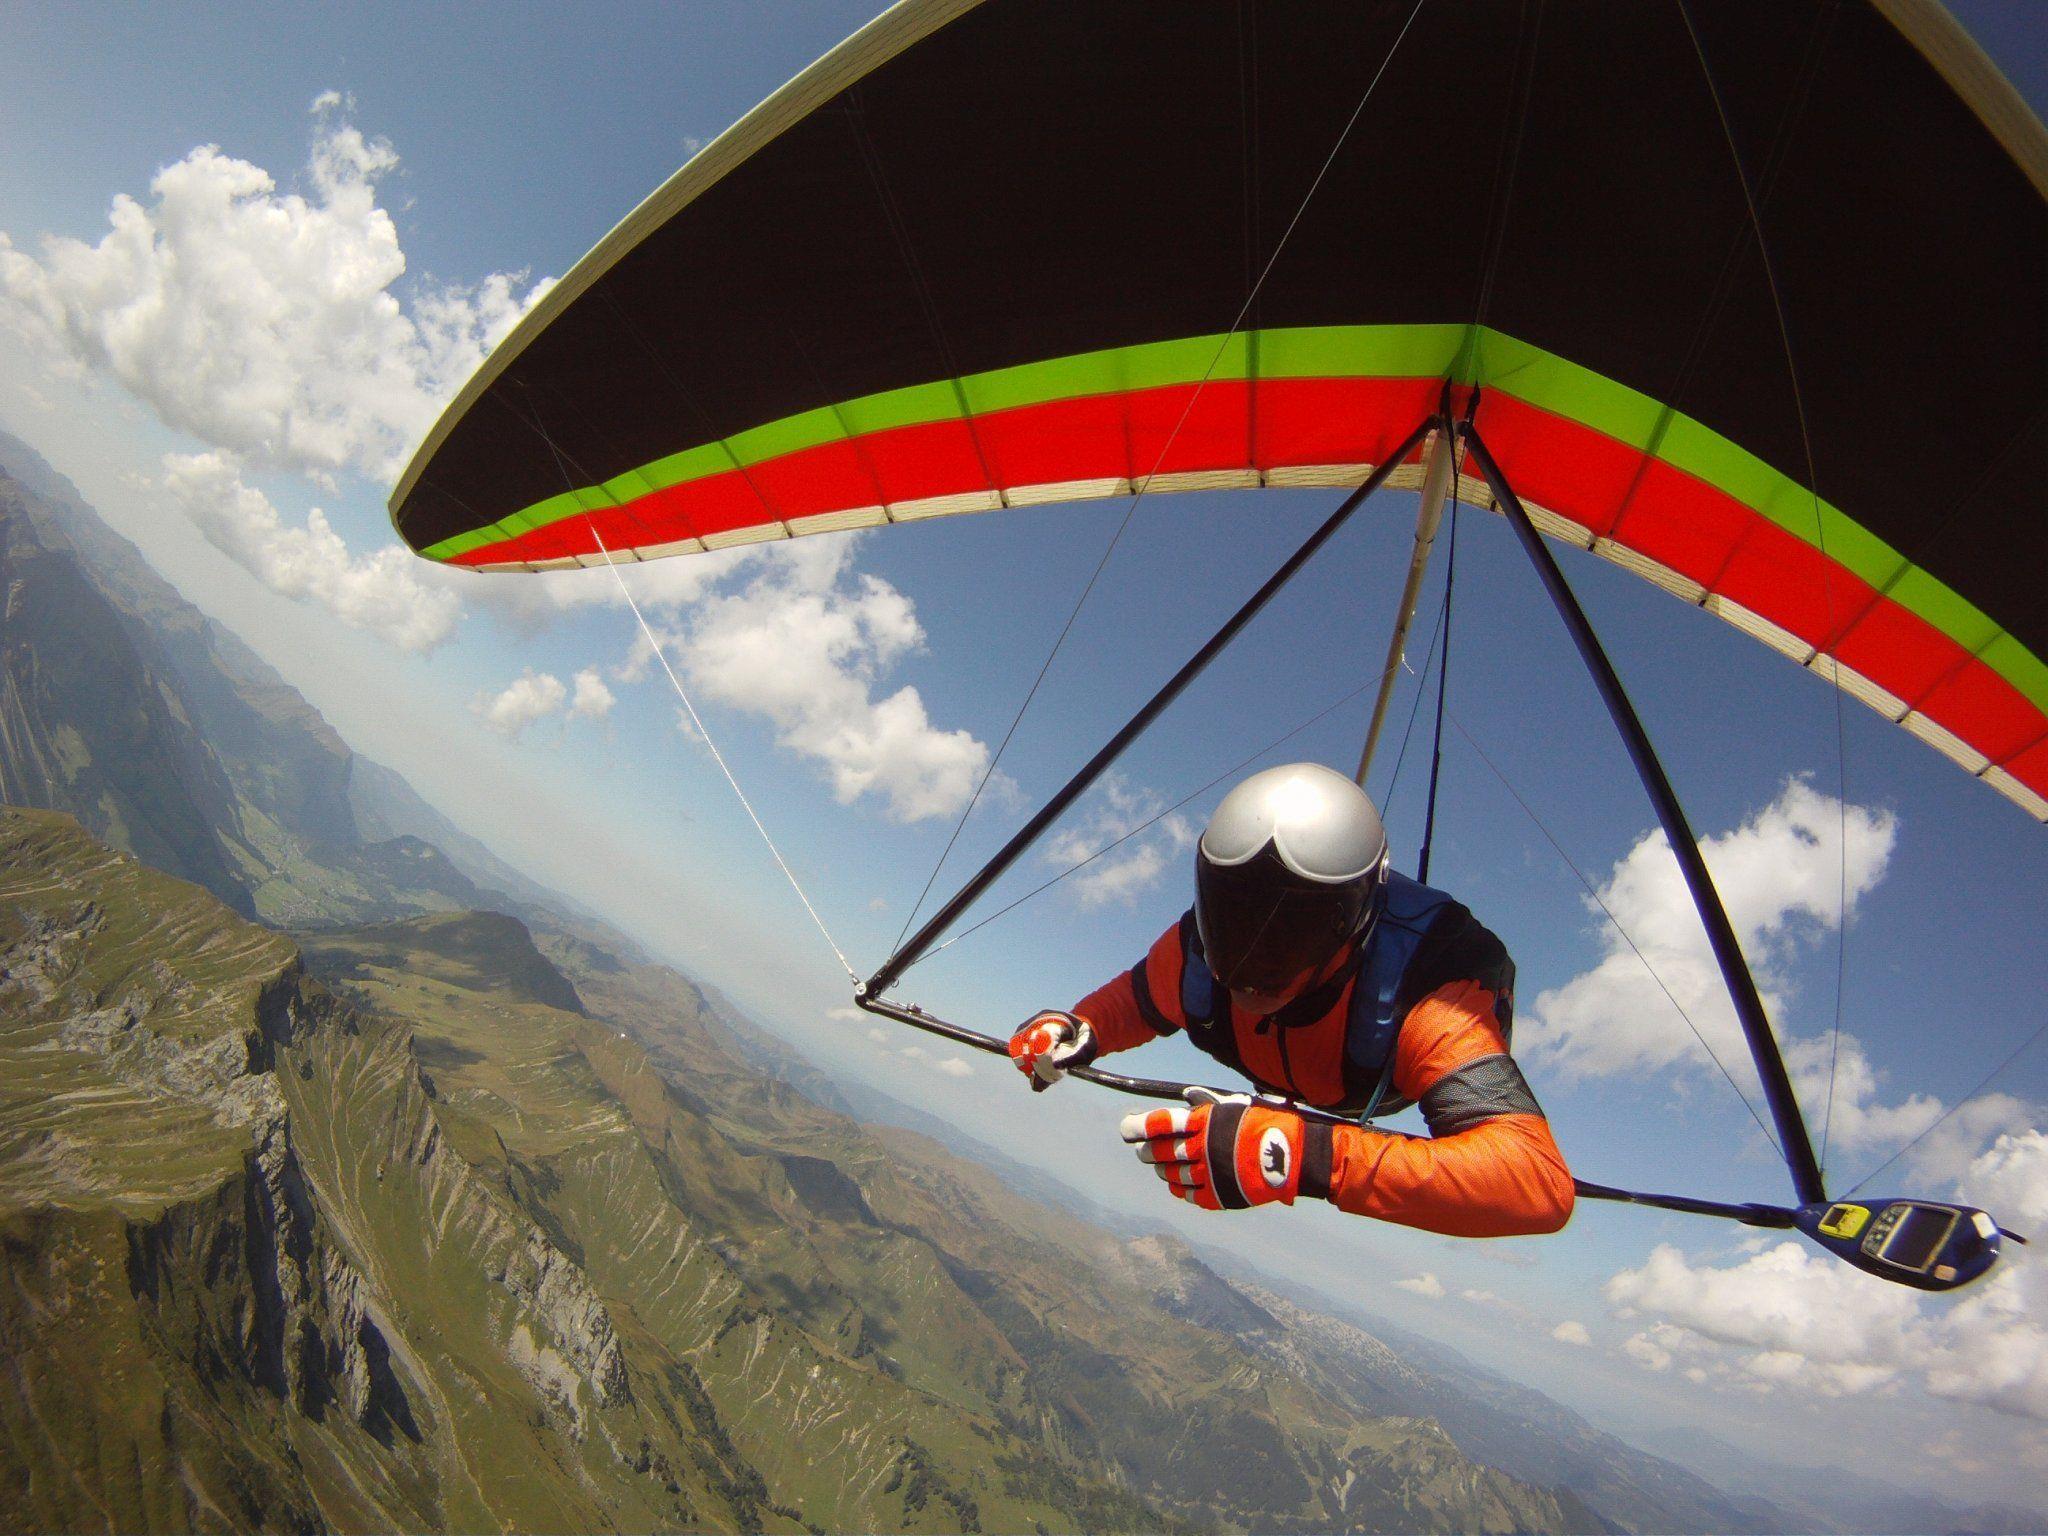 Walter Mayer bei seinem Flug über den Rüfikopf. Im Hintergrund die Berge des Bregenzerwaldes.